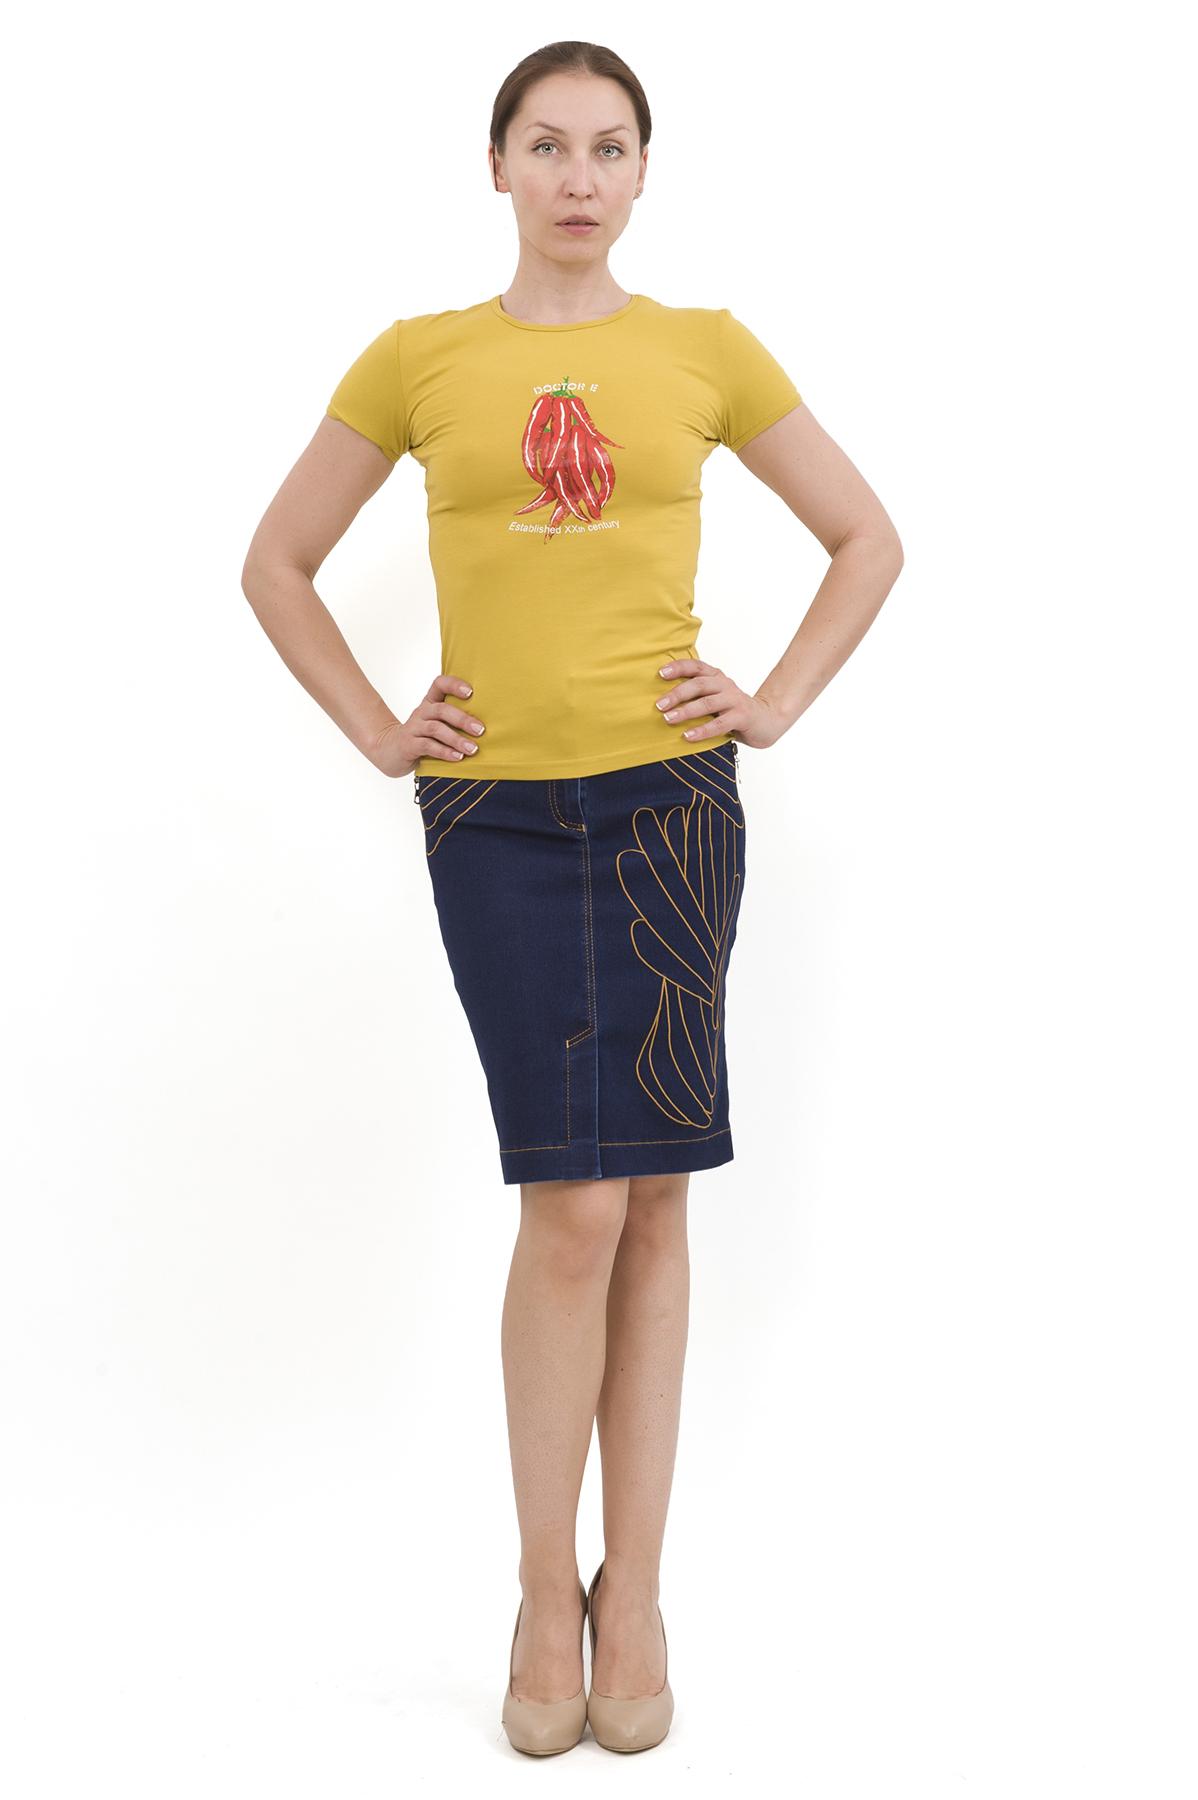 ФутболкаТрикотаж<br>Футболка – это удобный выбор на каждый день, поэтому она должна быть яркой и стильной, чтобы привнести в повседневный образ красок. Округлый вырез горловины, короткие рукава, эффектный принт - все это футболка Doctor E, из высококачественного трикотажа, н<br><br>Цвет: желтый<br>Состав: 92% хлопок, 8% лайкра<br>Размер: 40,42,44,46,48,50,52,54,56,58,60<br>Страна дизайна: Россия<br>Страна производства: Россия